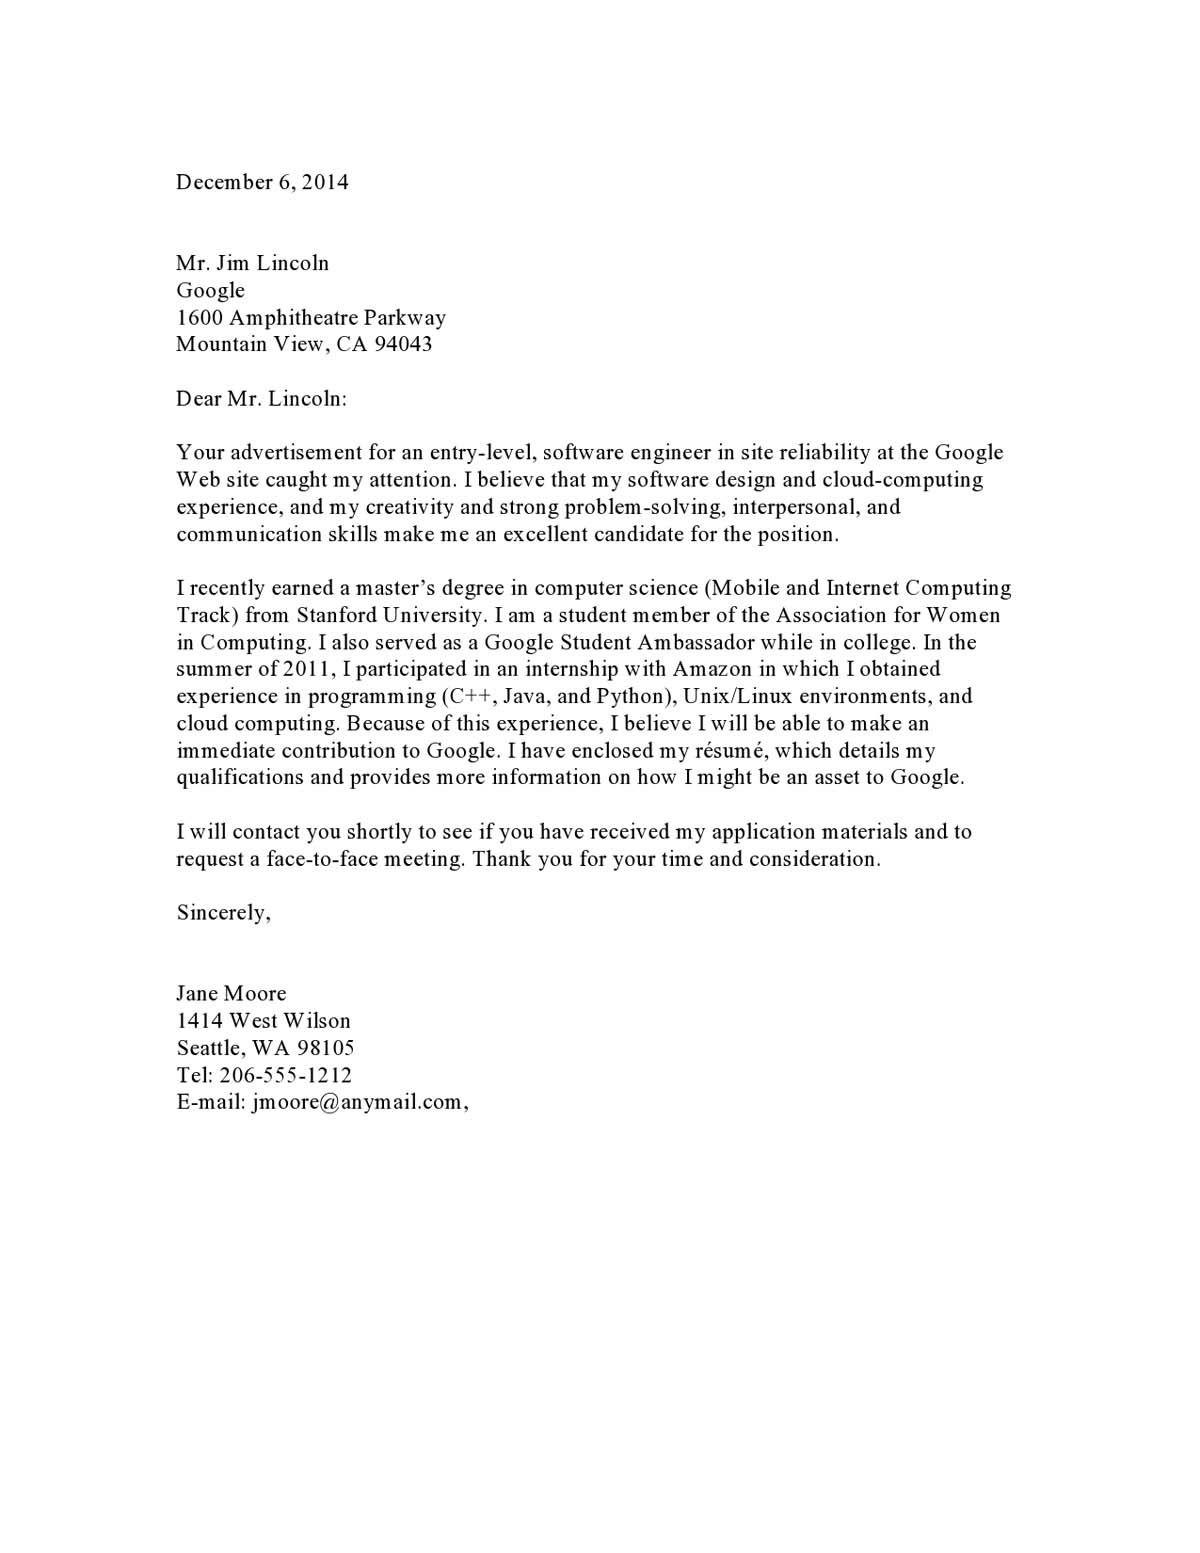 003 Striking Cover Letter Template Office Online High Def  MicrosoftFull